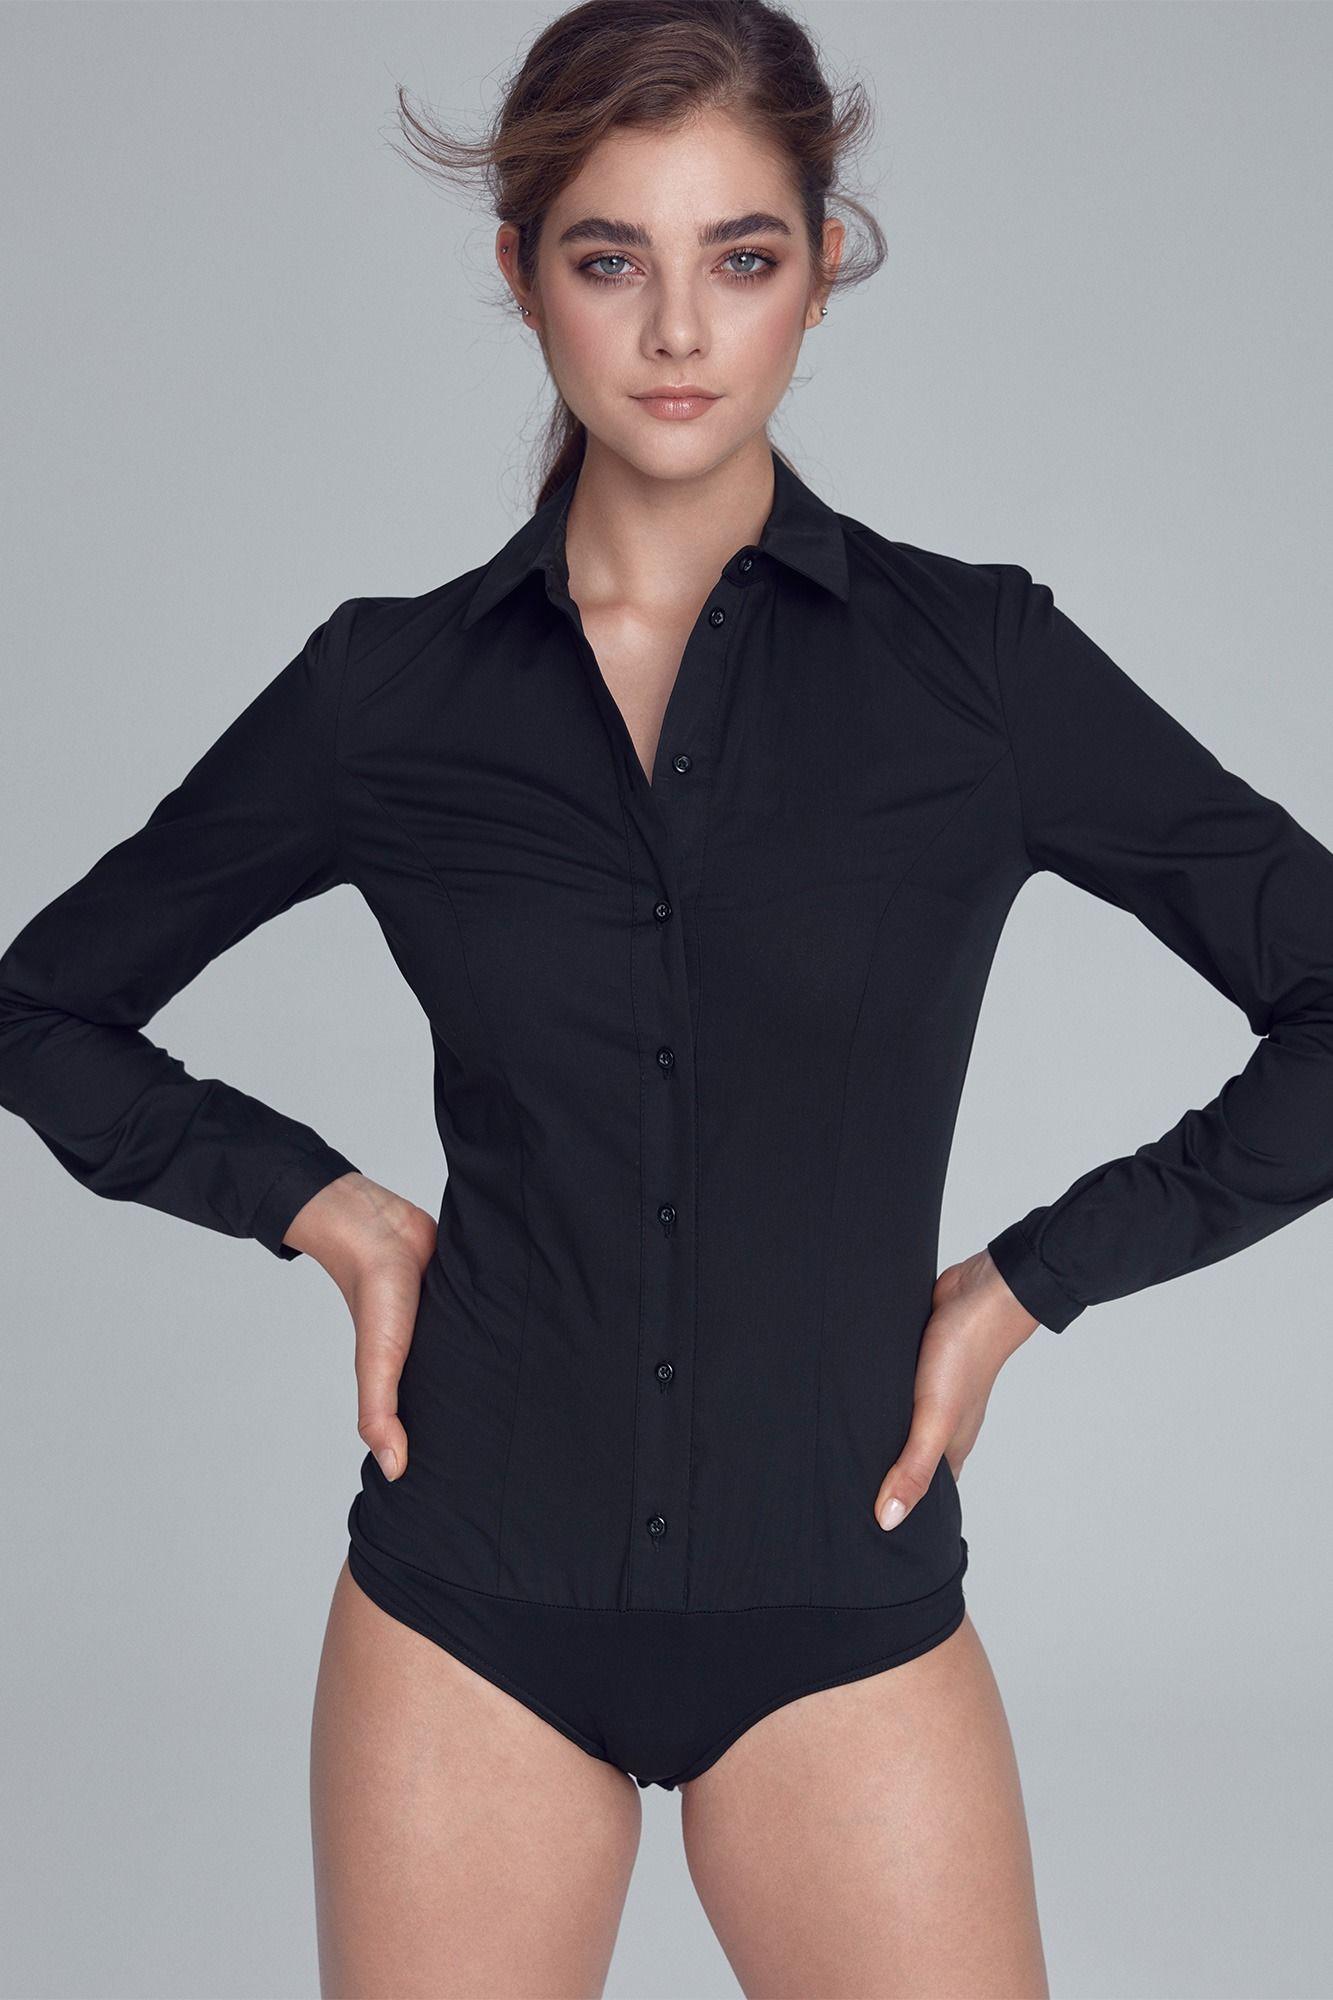 Czarna Klasyczna Koszula -Body